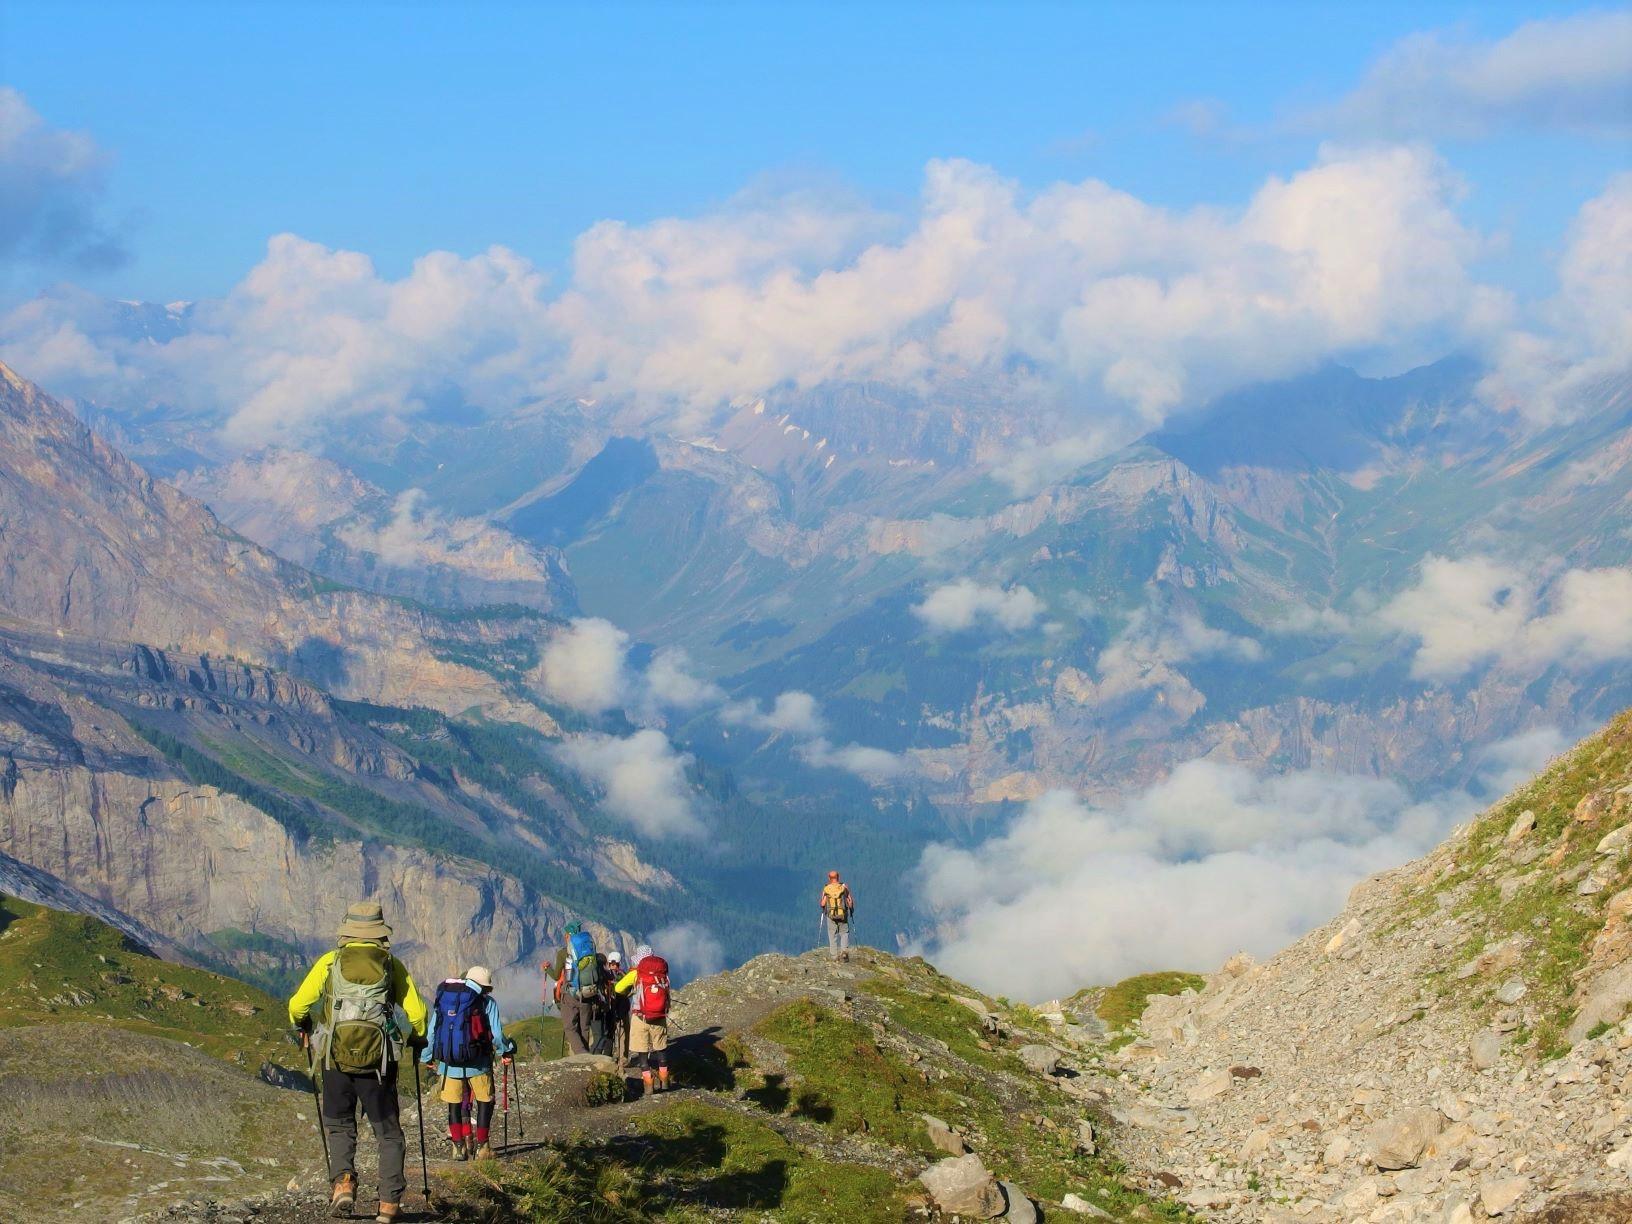 アルプス峠越えルートを縦走してエッシネンゼーのあるカンデルタールへ(7日目)